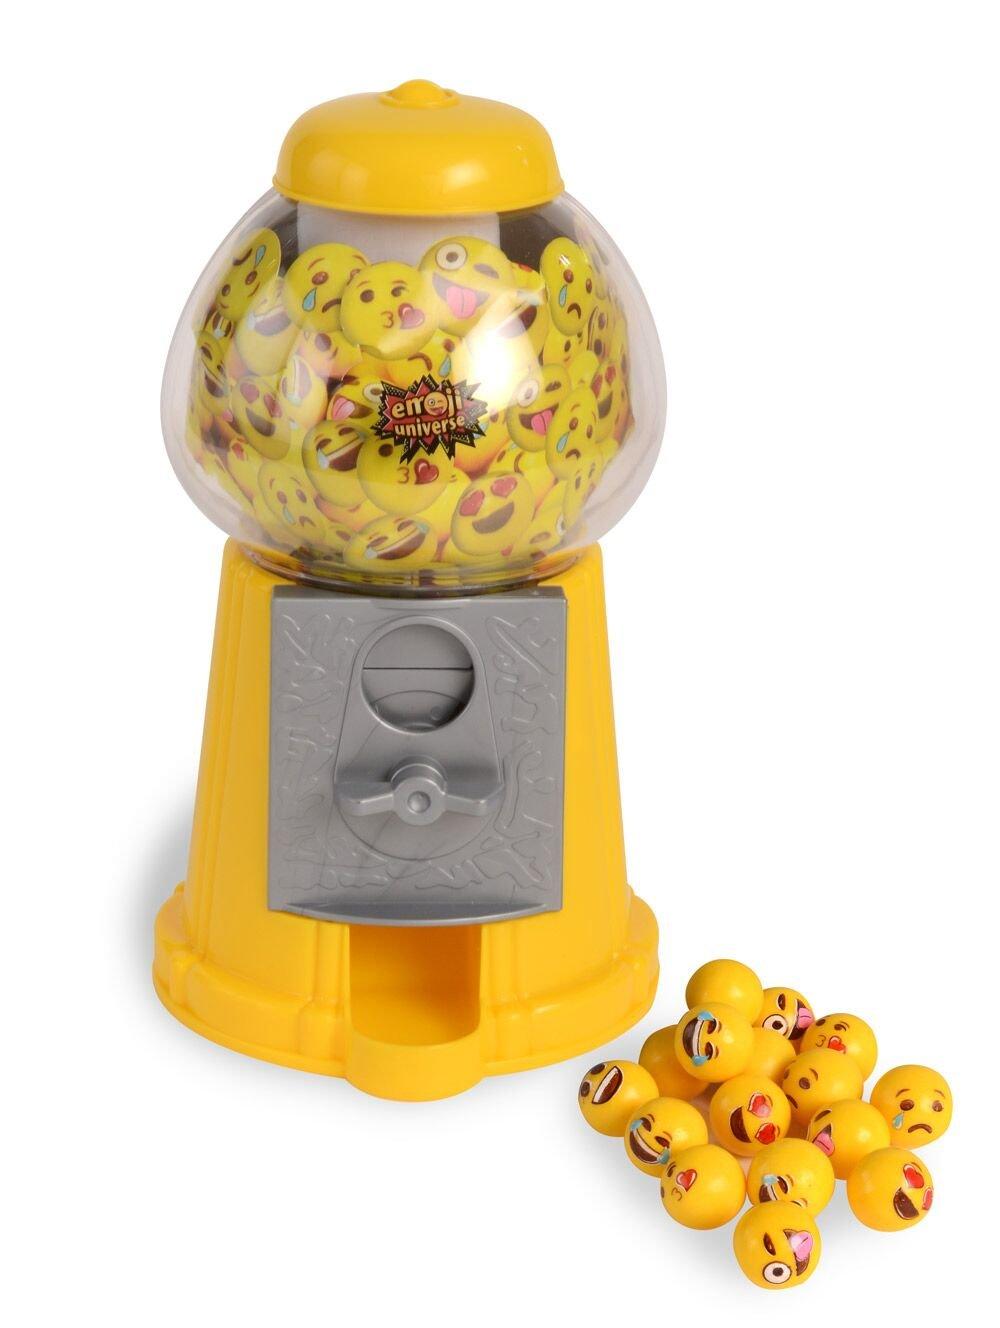 gumball machine with gumballs